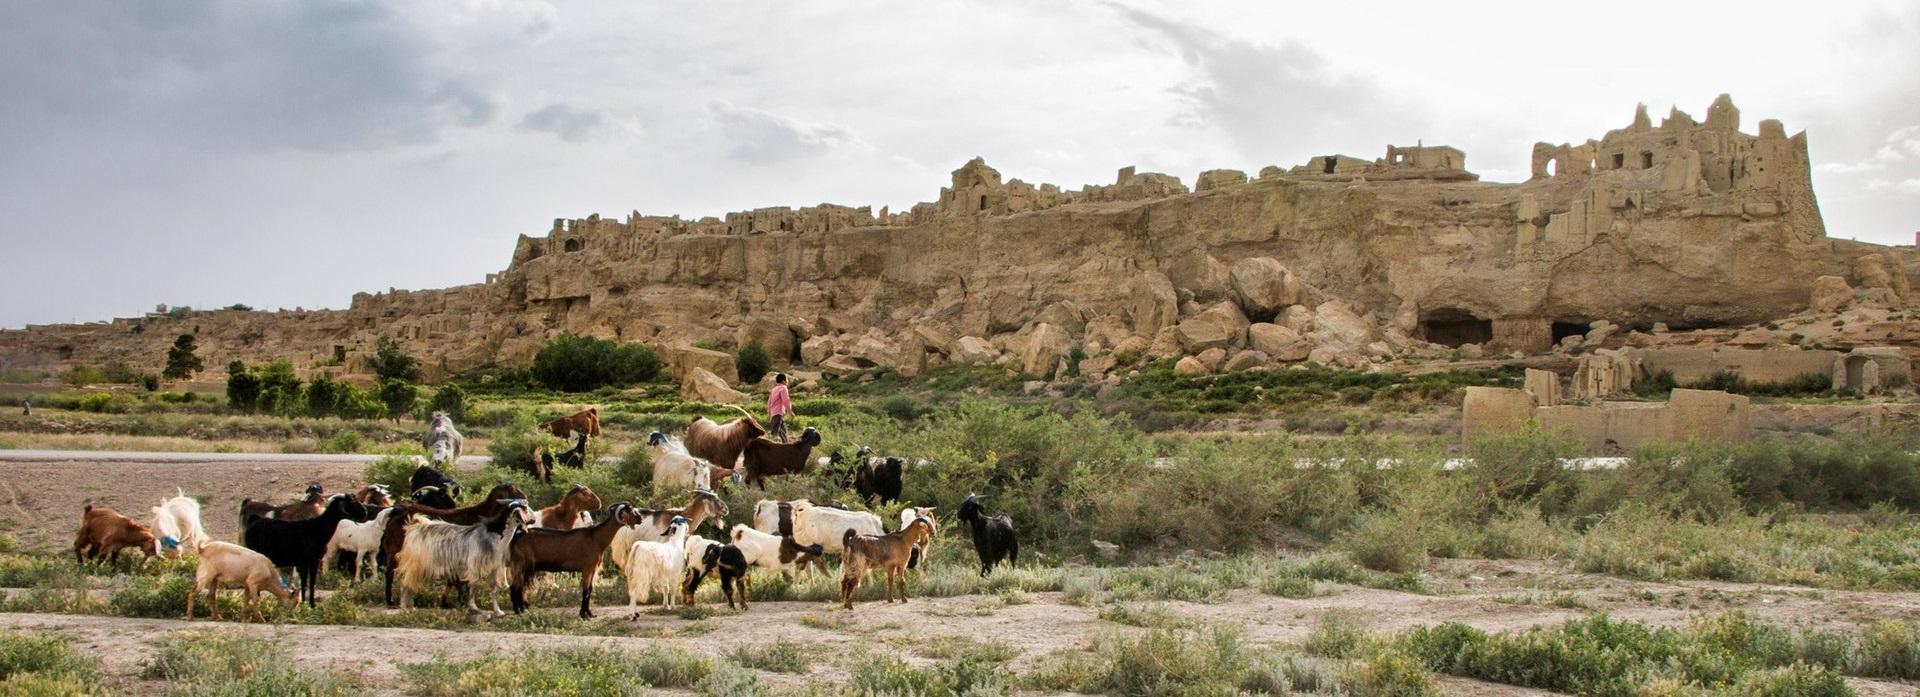 قلعه ایزدخواست ، قلعهای بی همتا و نفوذ ناپذیر در دوره ساسانی